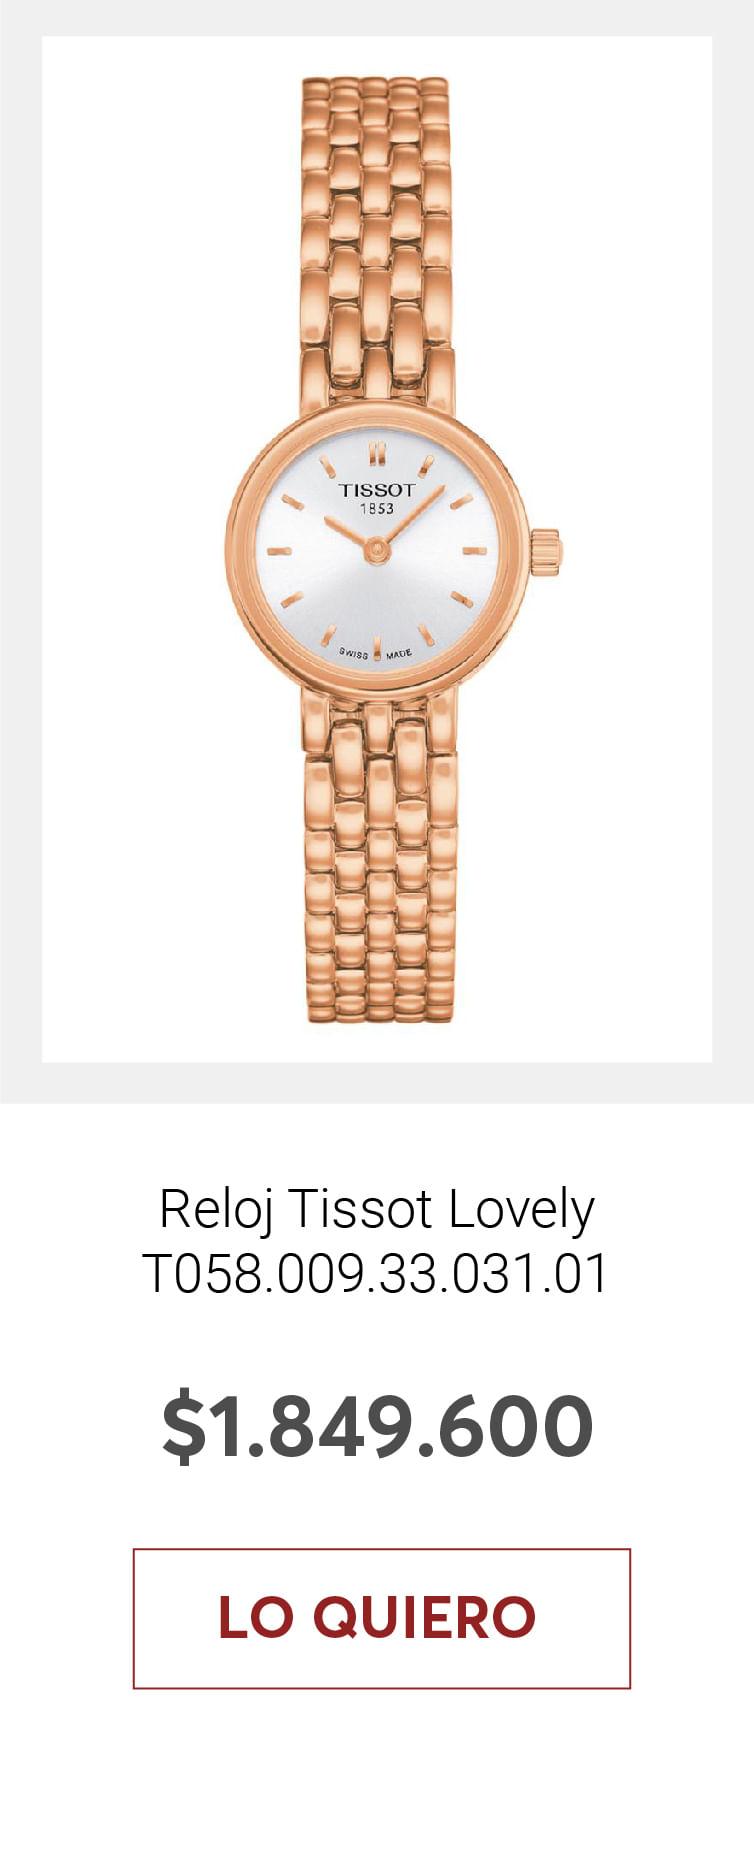 Reloj Tissot Lovely T058.009.33.031.01